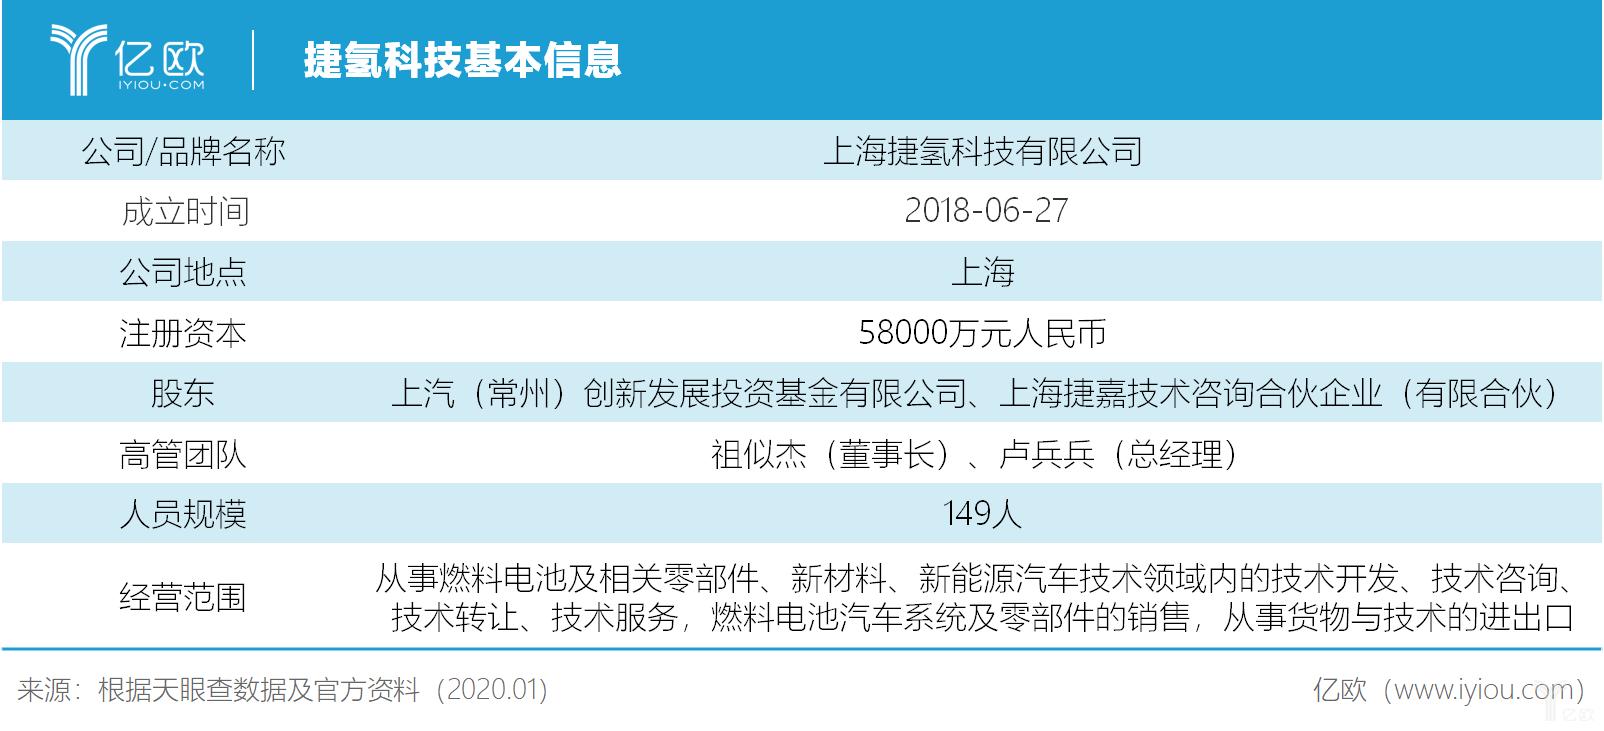 捷氢科技基本信息.png.png